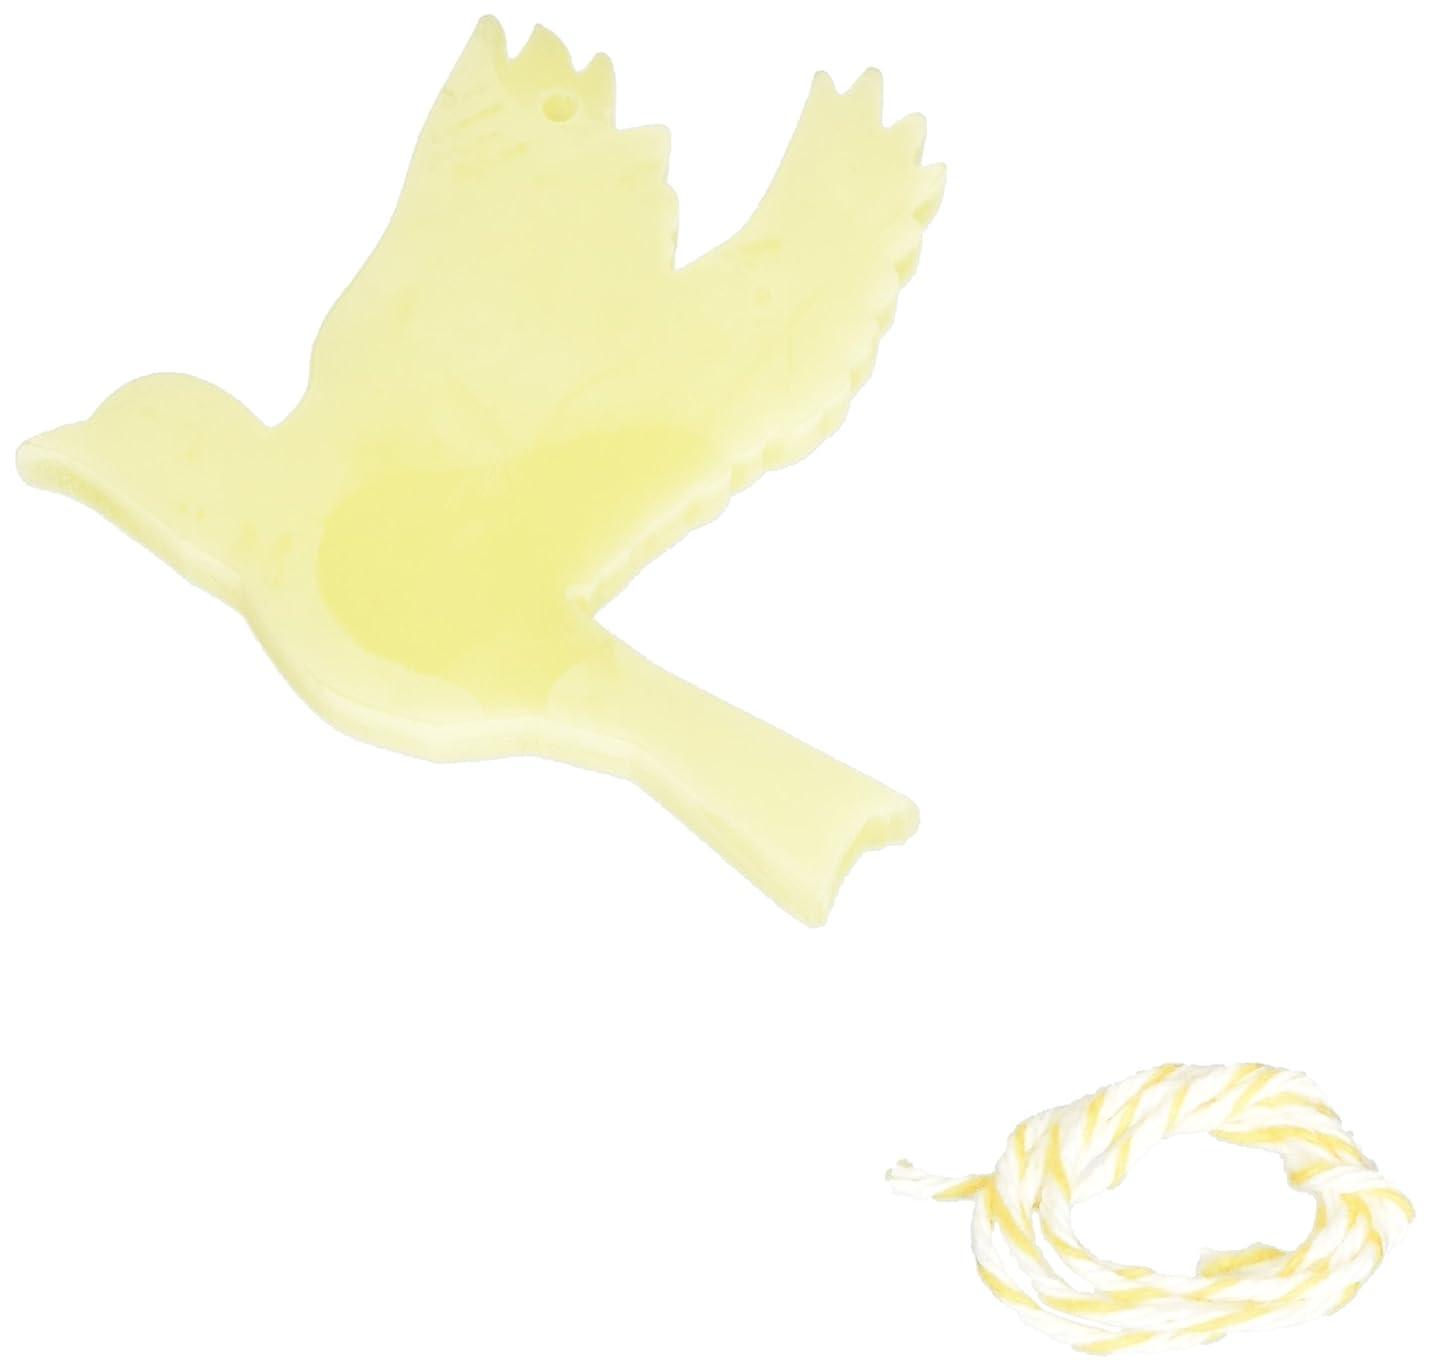 午後それによって一致するGRASSE TOKYO AROMATICWAXチャーム「ハト」(YE) ベルガモット アロマティックワックス グラーストウキョウ